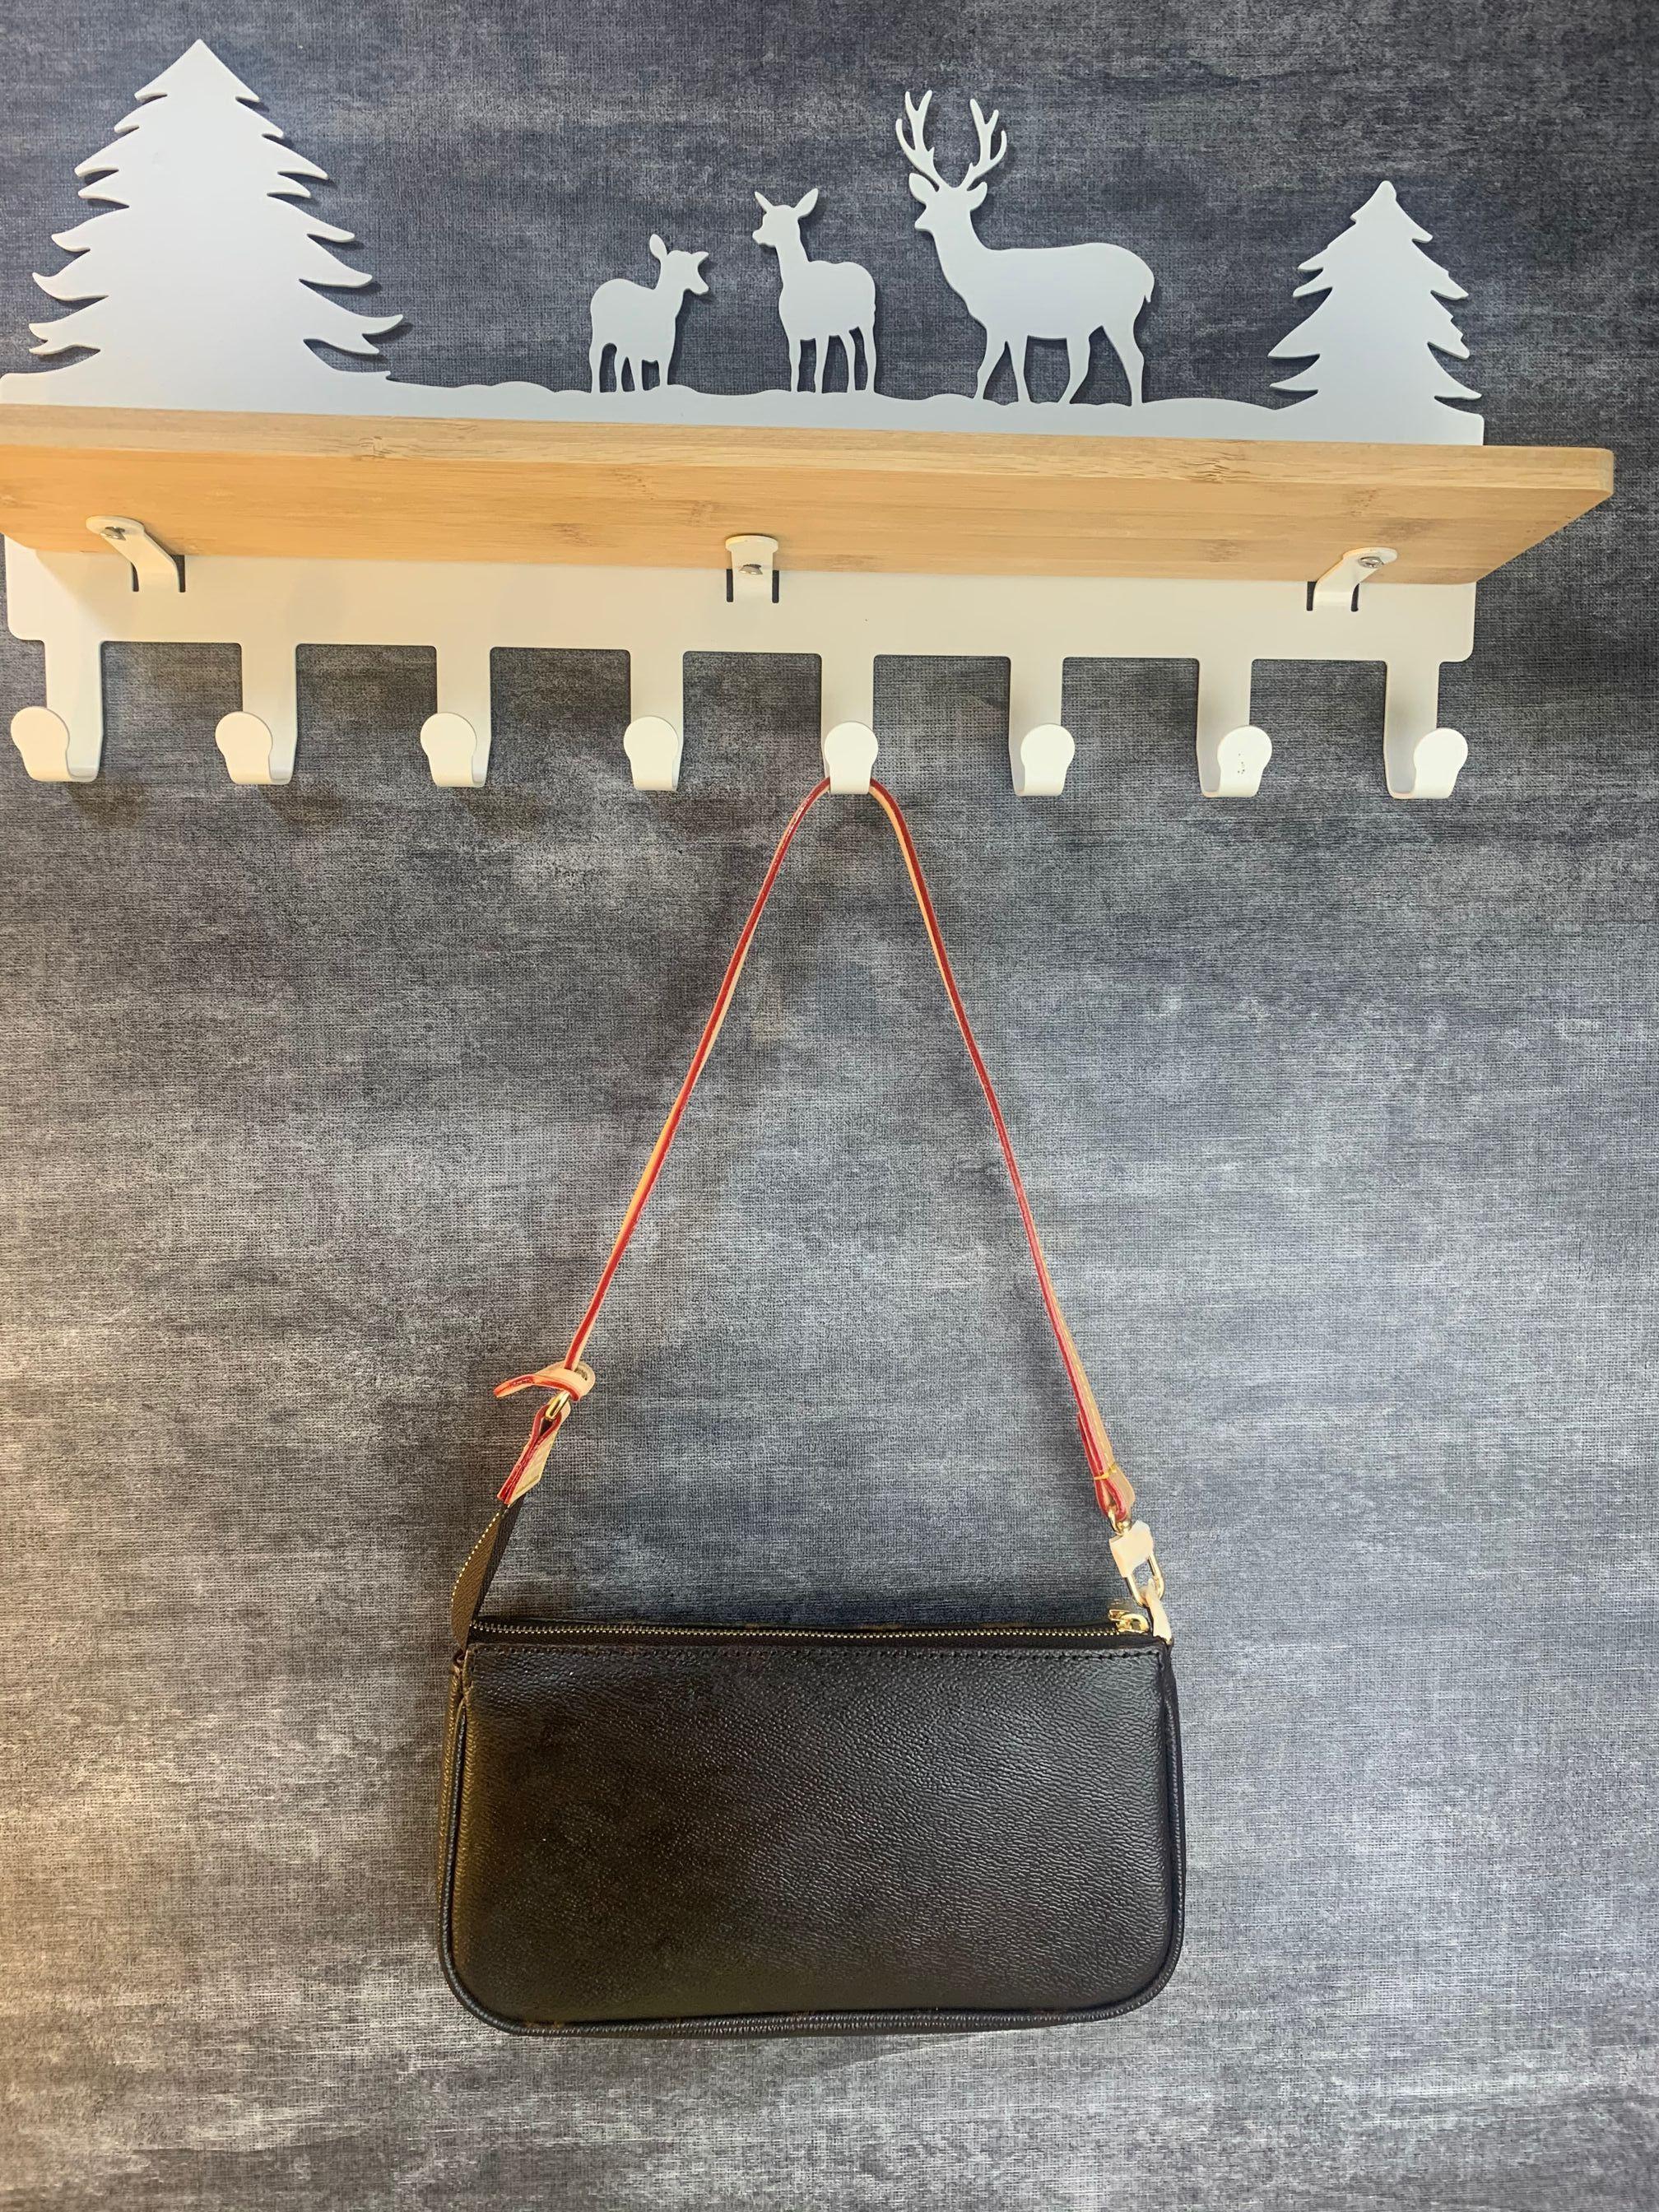 messaggero delle donne del sacchetto 2020 borse nuova spalla della ragazza satchel signora della borsa del portafoglio a doppio scopo borse campata portatile e diagonale formato caldo L BUONA